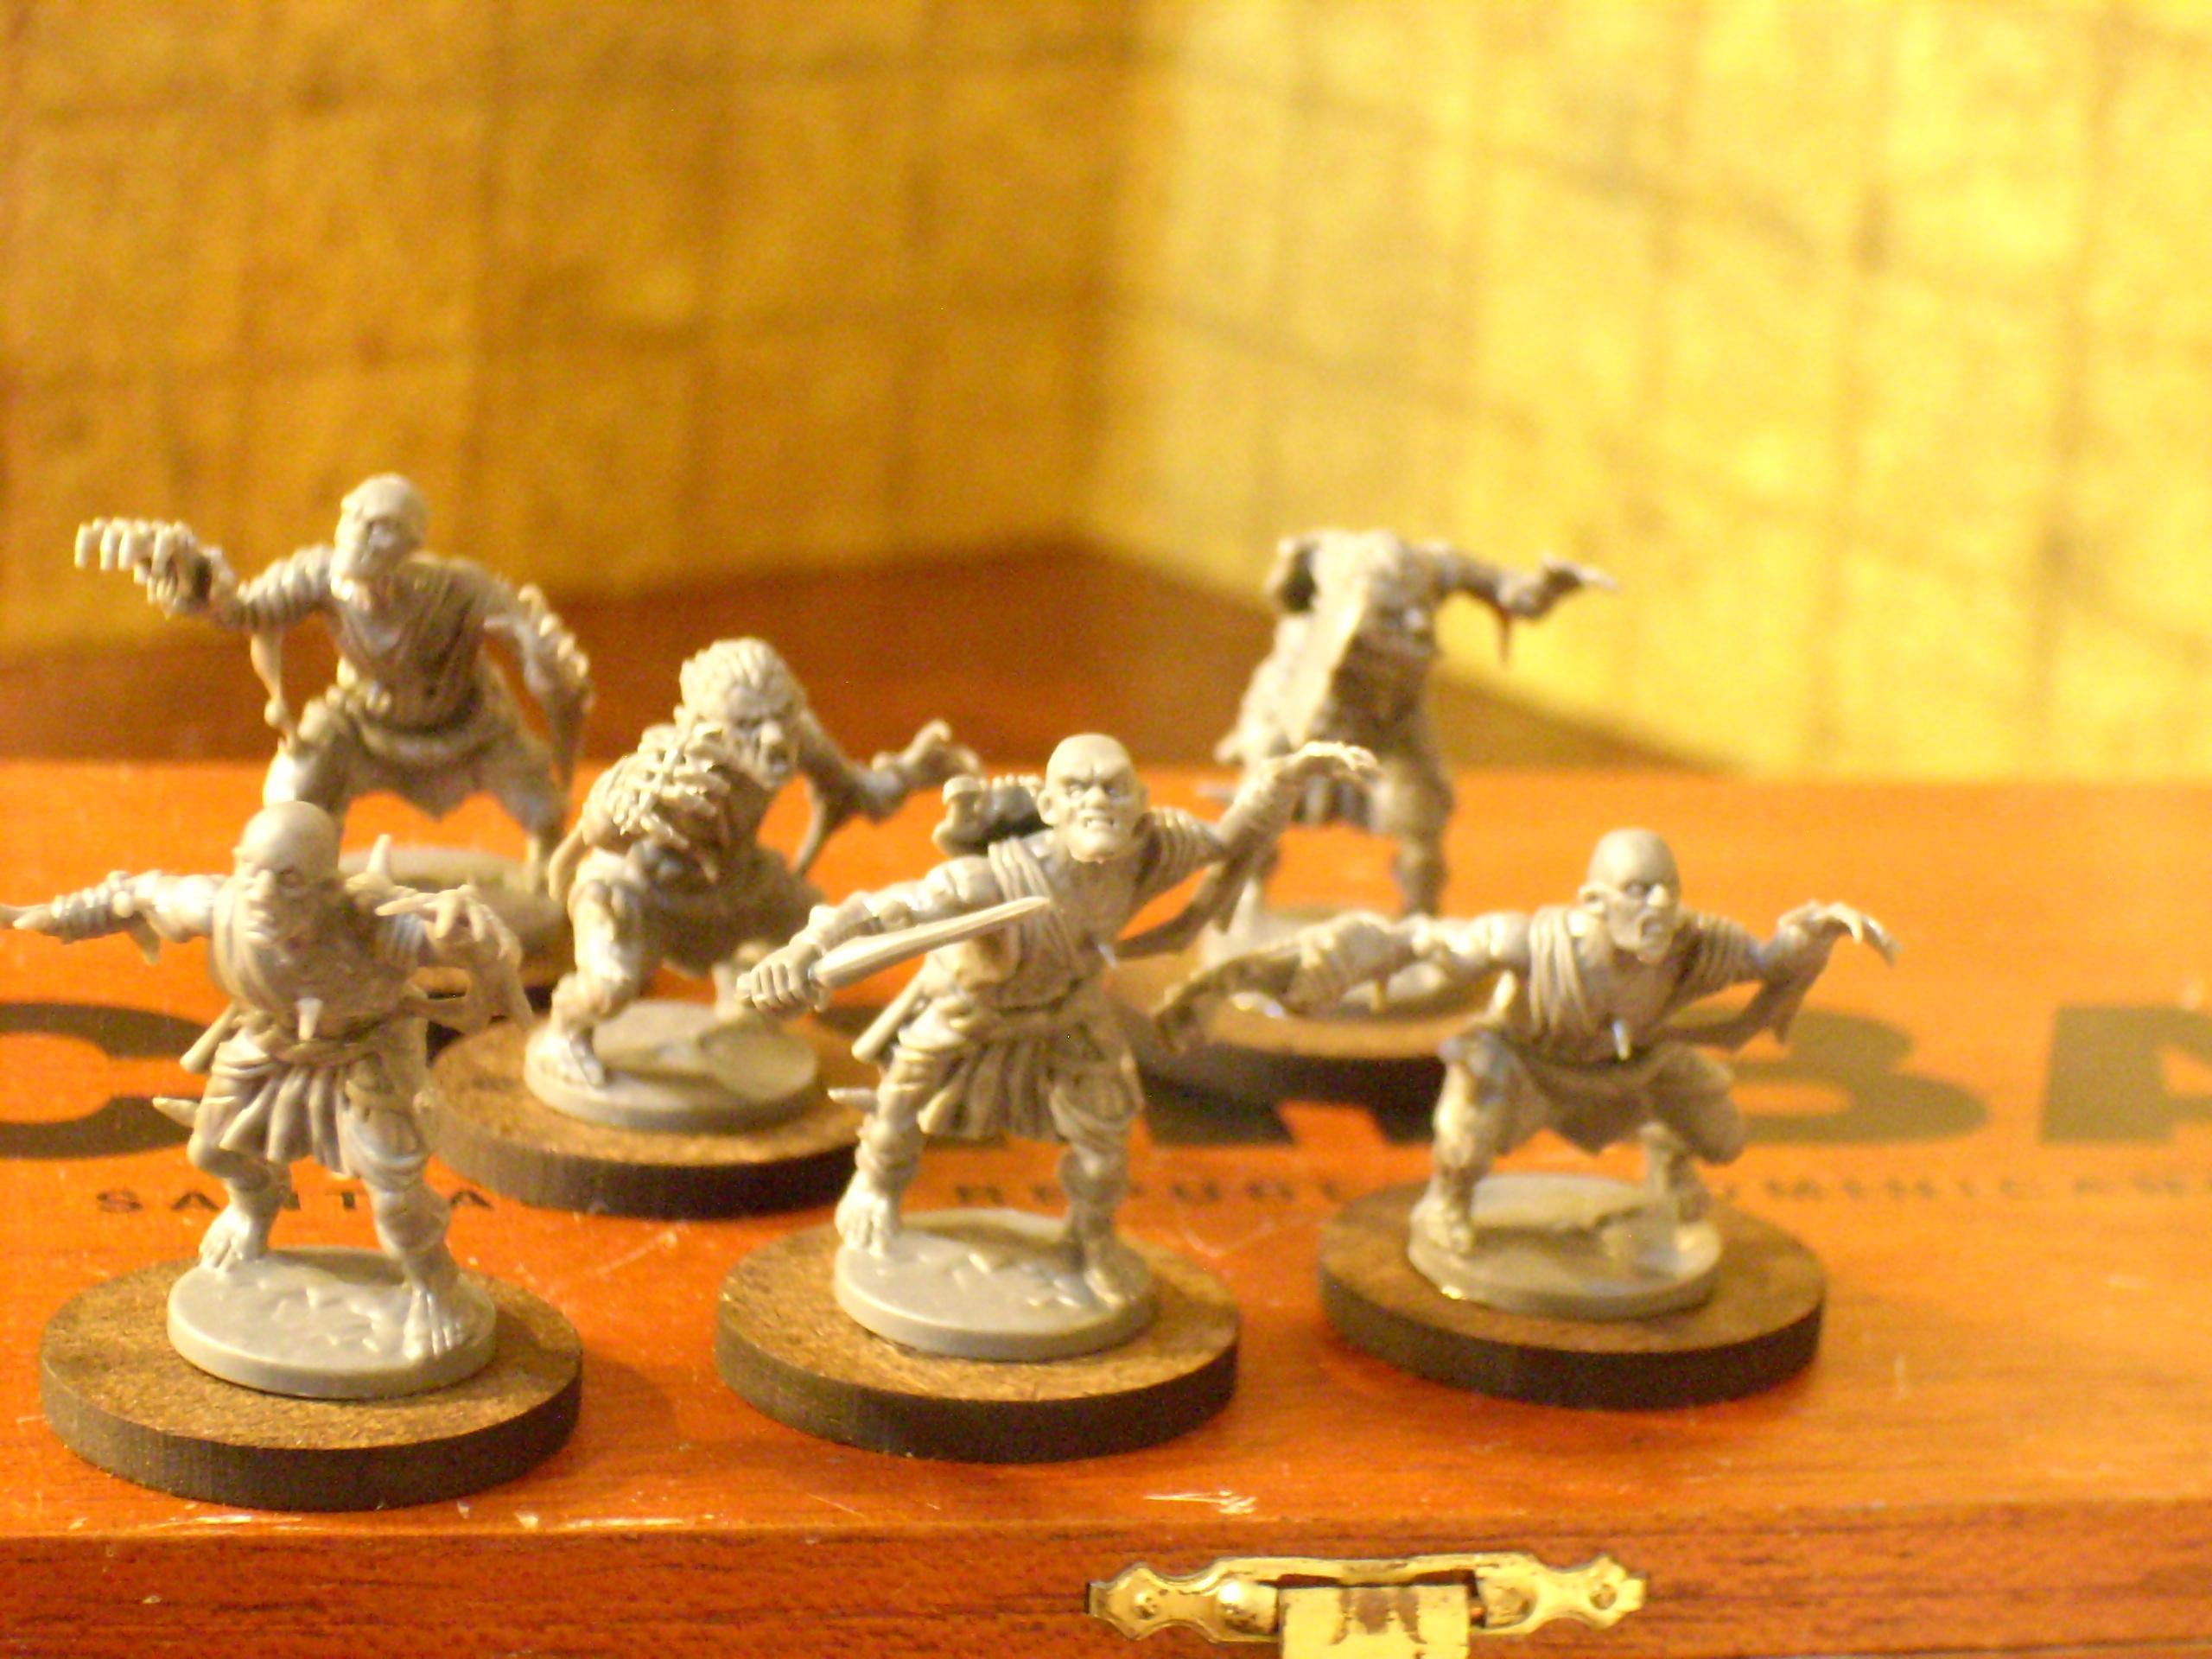 Dwarves, Ghoul, Mantic, Orcs, Skeletons, Zombie